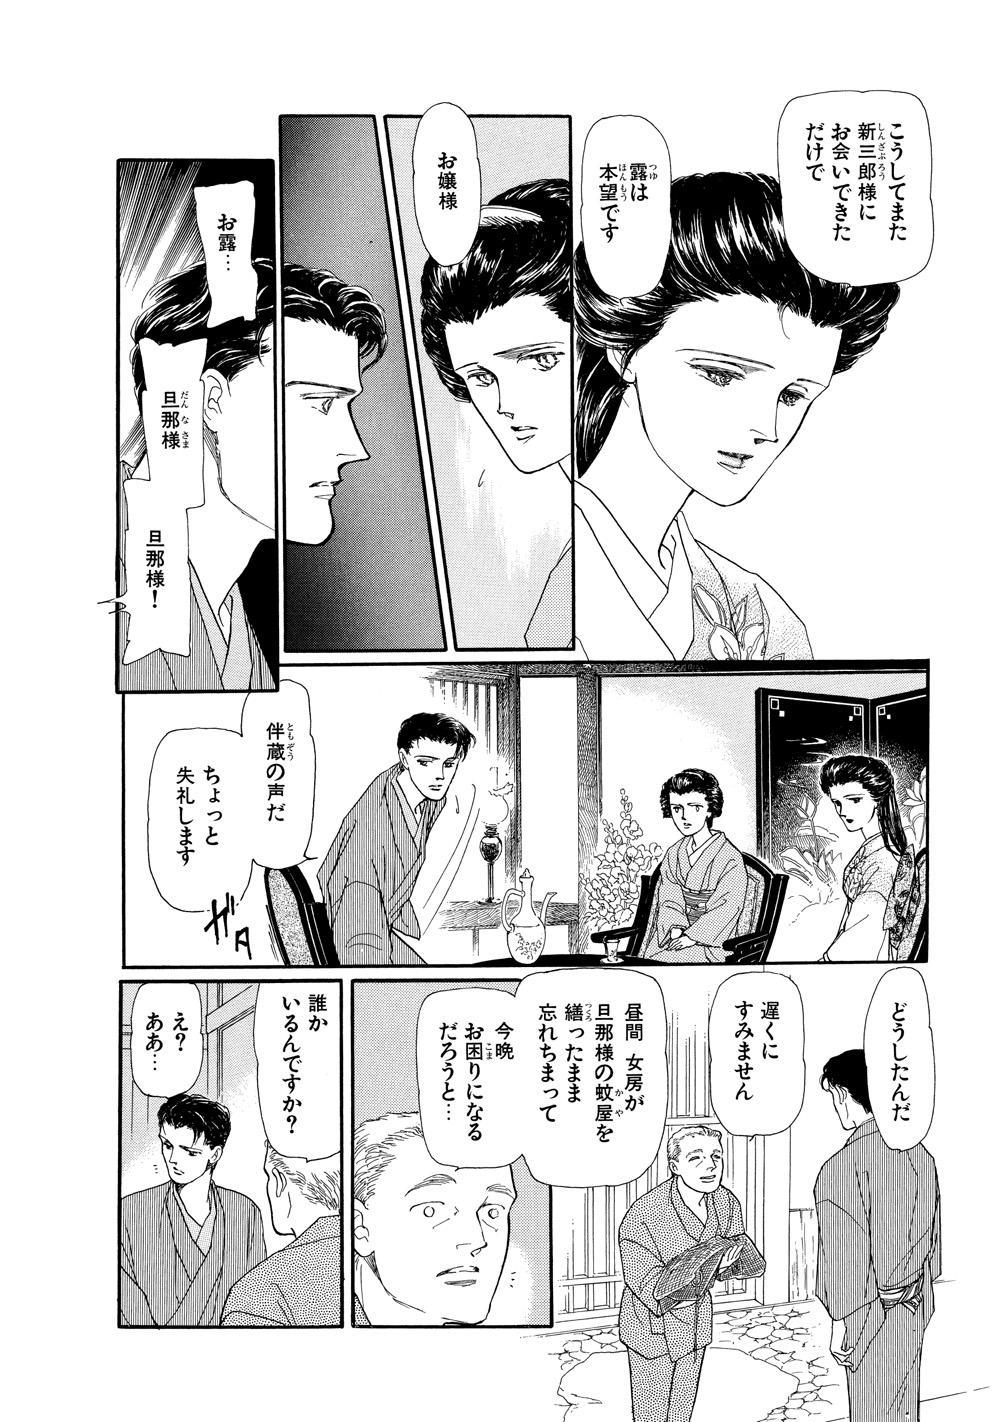 牡丹灯籠_016.jpg